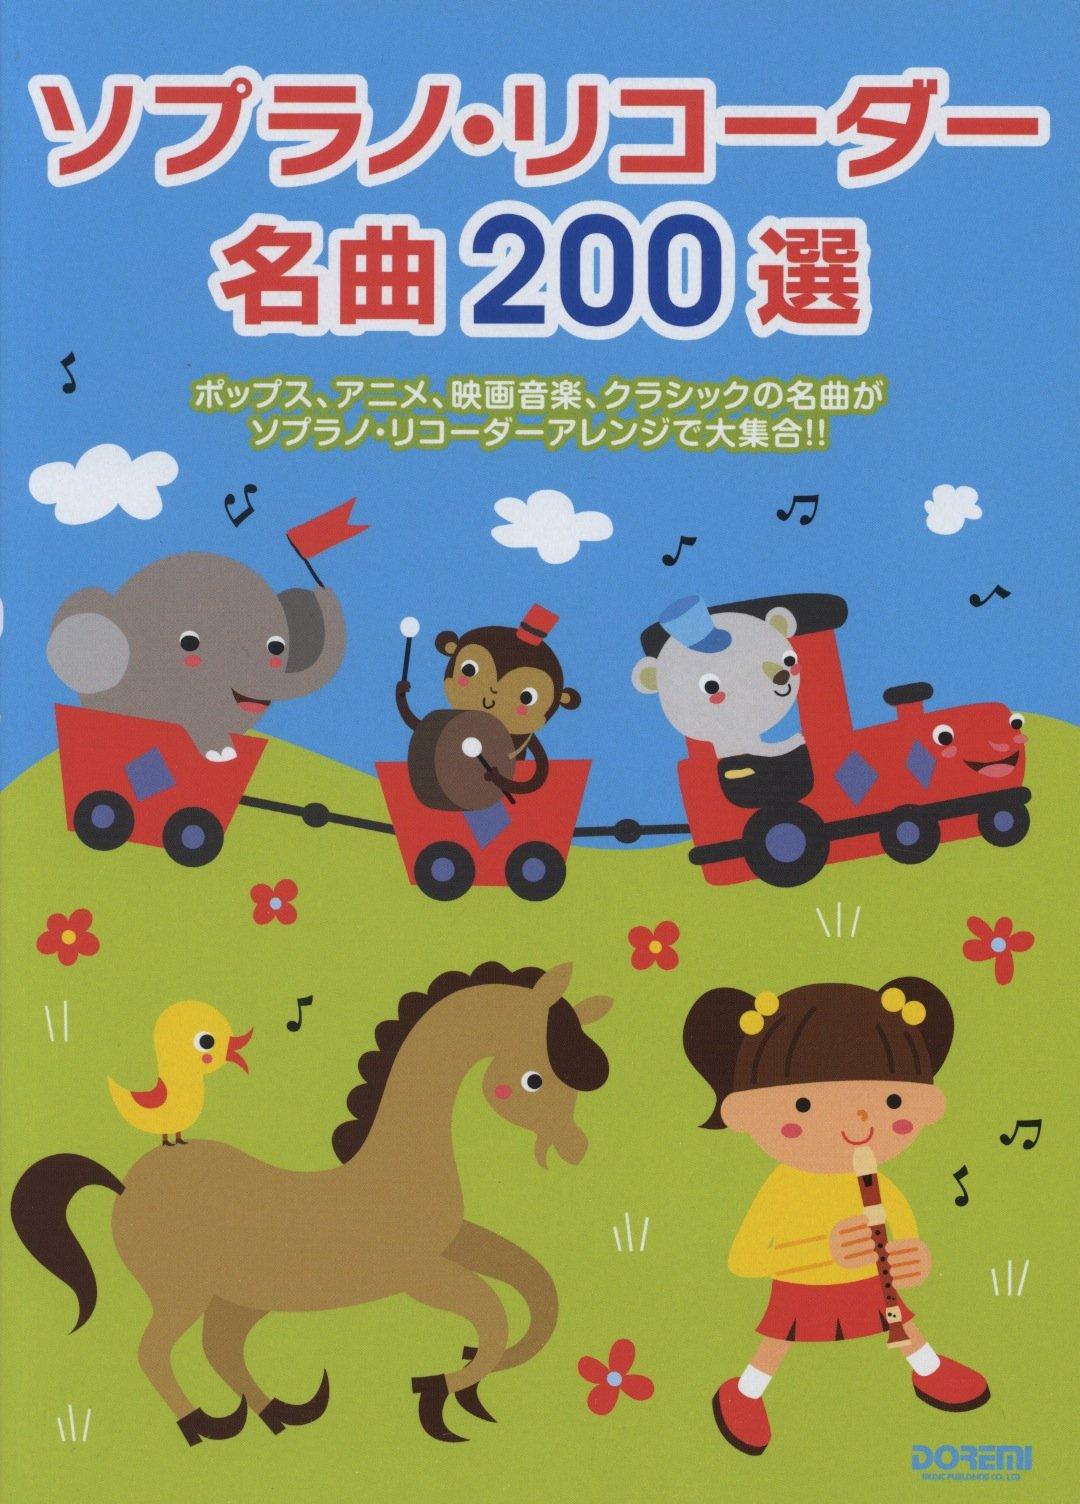 Read Online Sopurano rikoda meikyoku nihyakusen : Poppusu anime eiga ongaku kurashikku no meikyoku ga sopurano rikoda arenji de daishugo. pdf epub